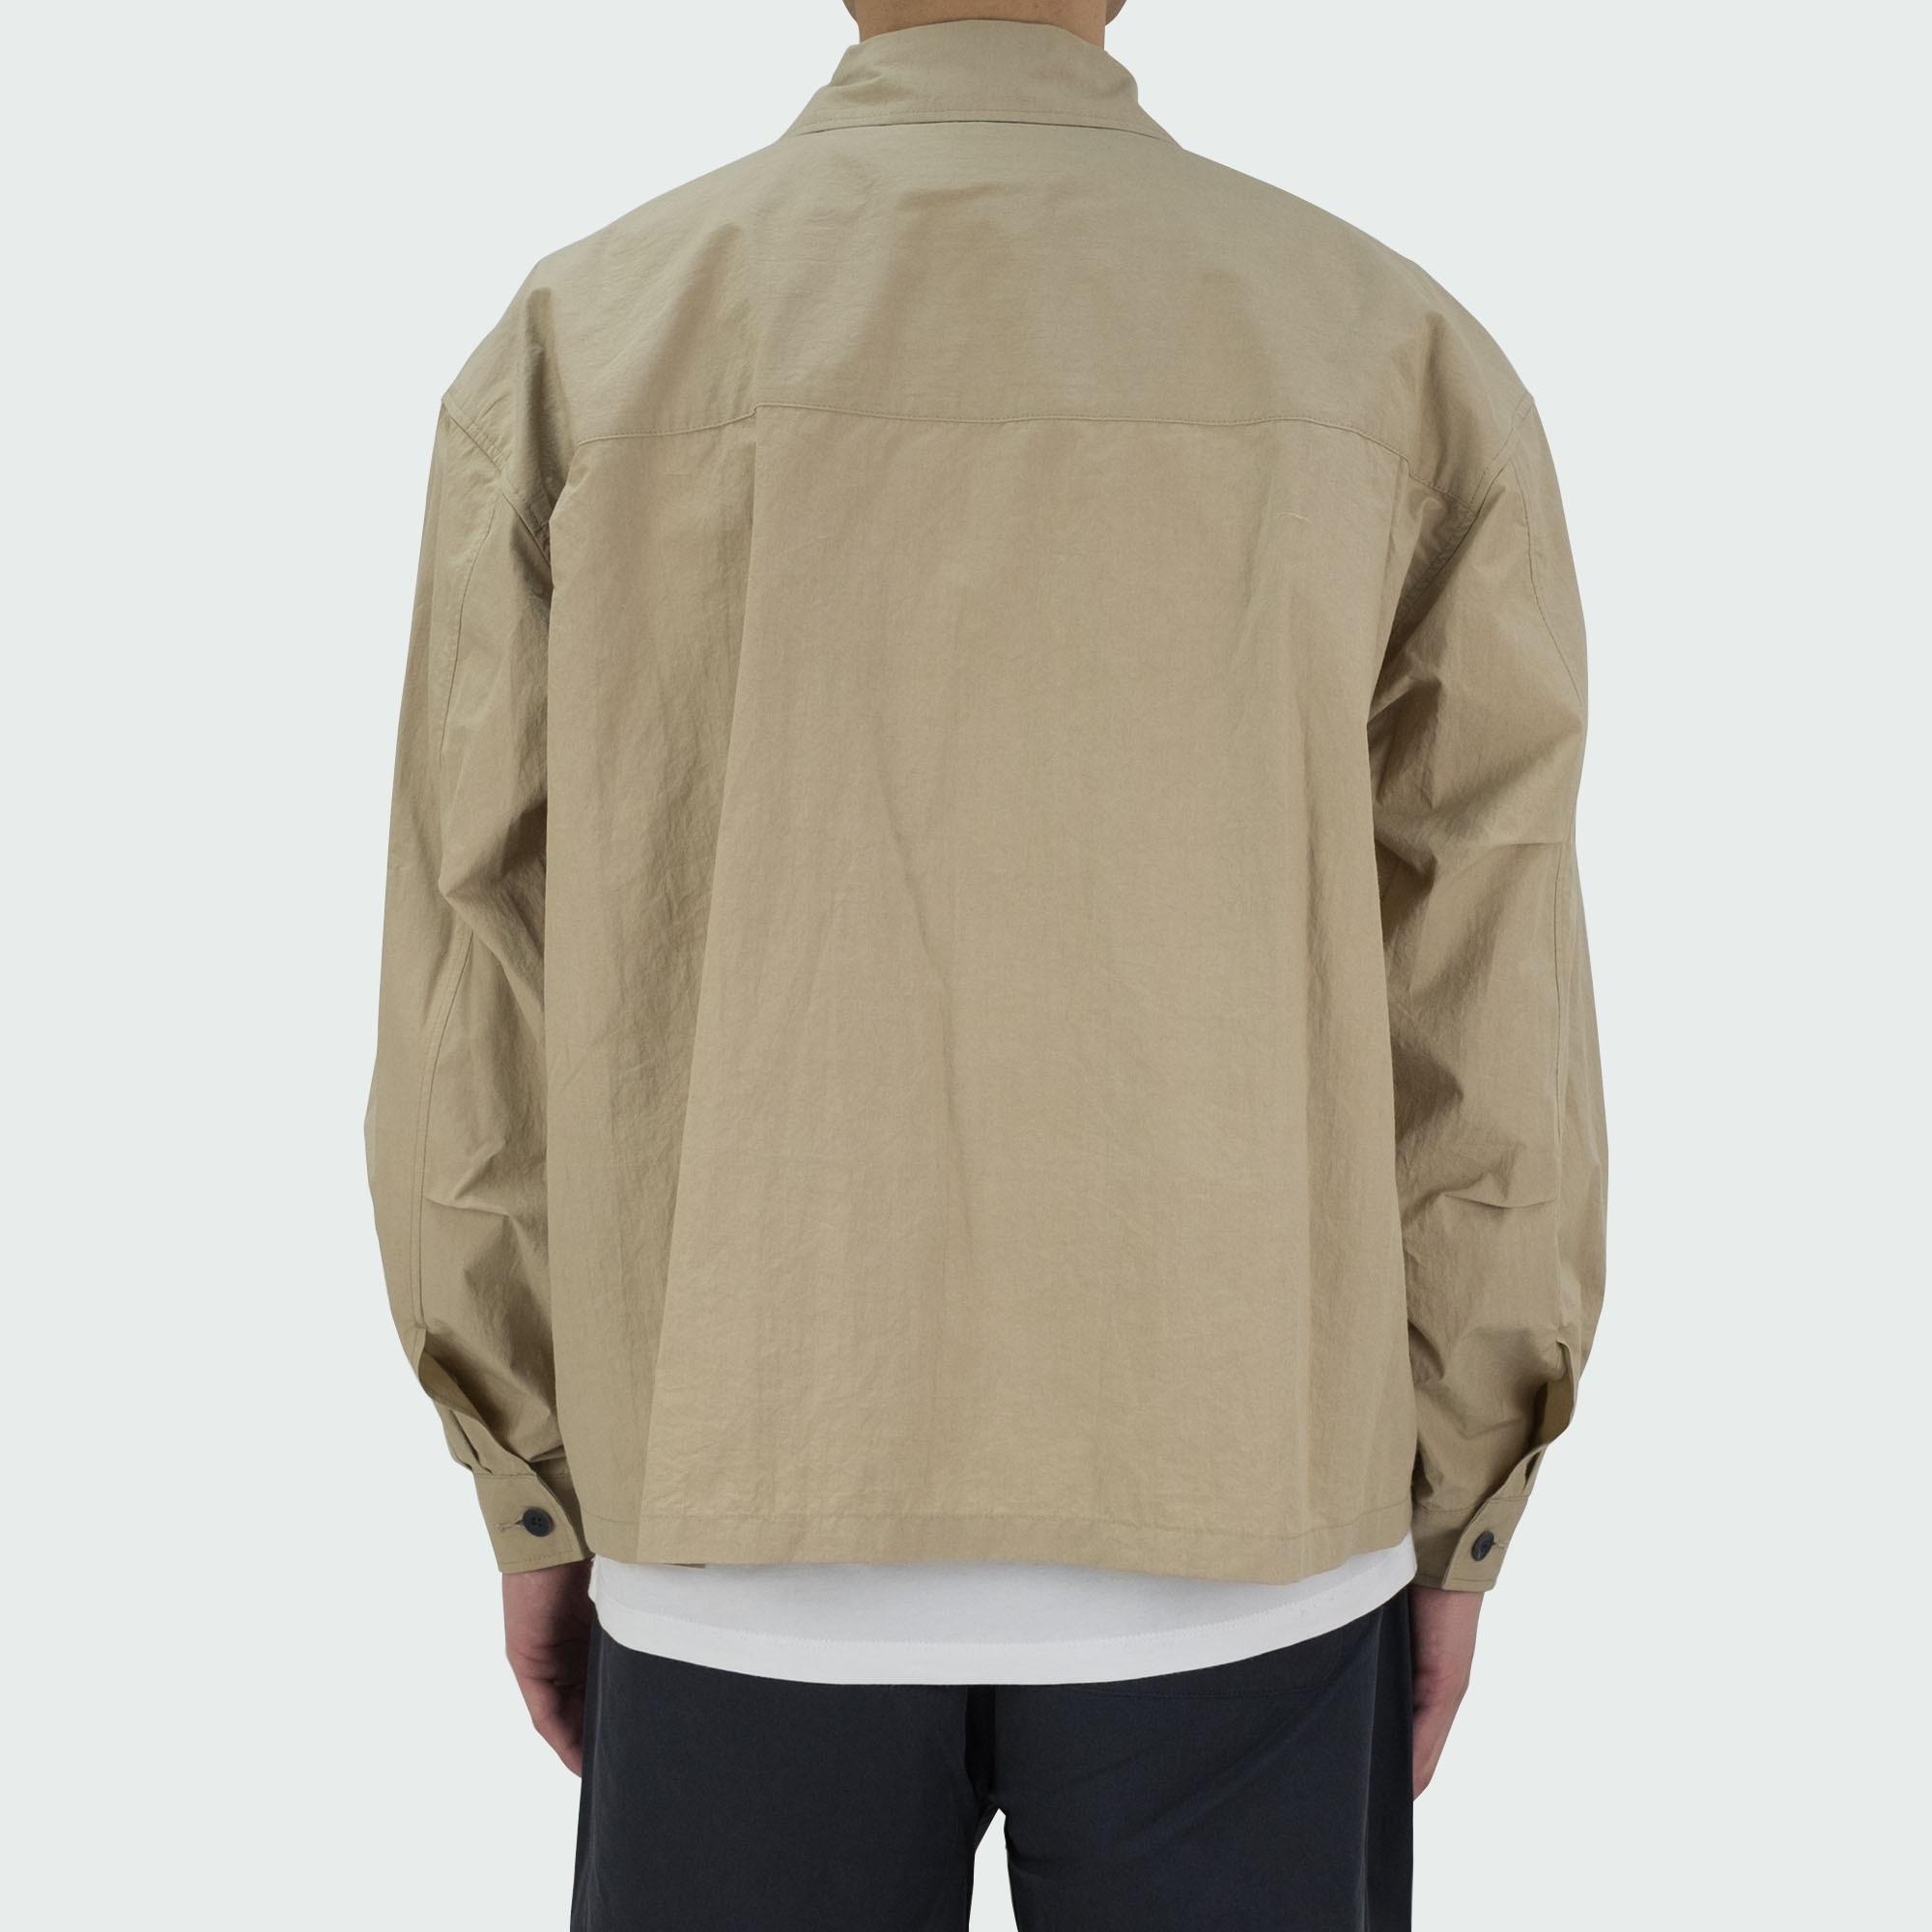 Zip Up Shirt Jacket Beige 4